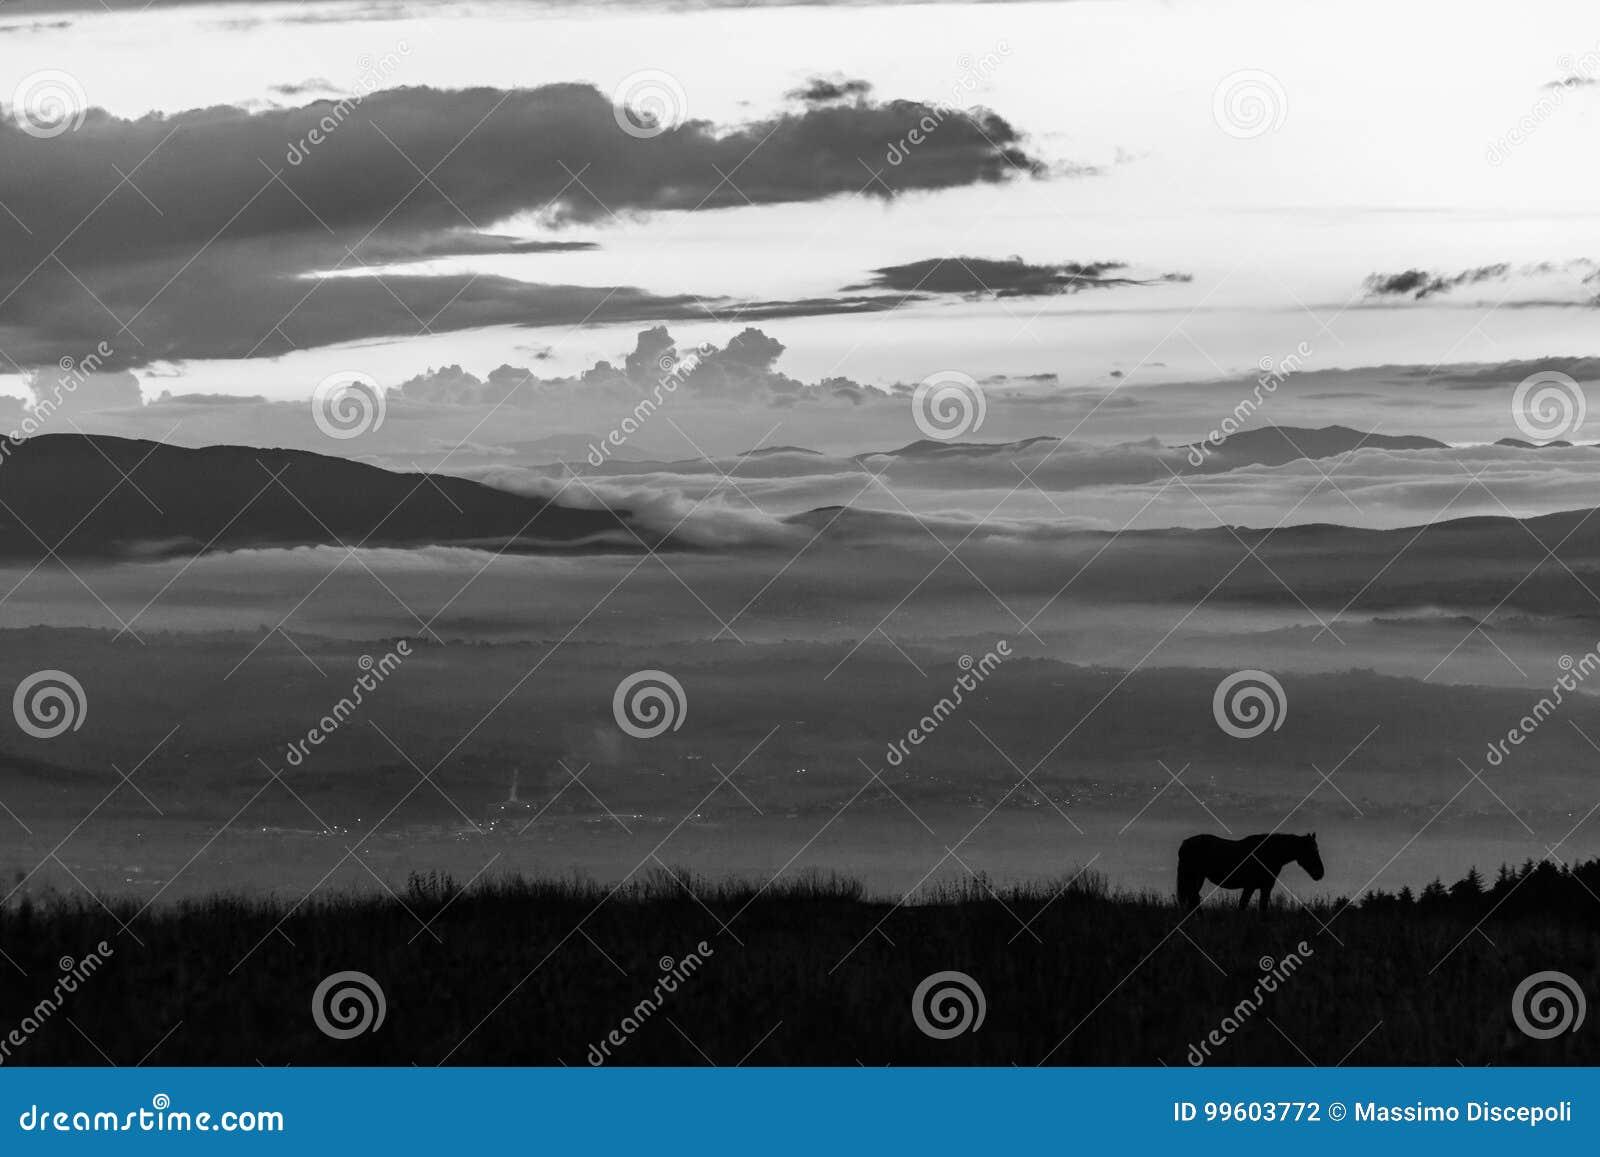 Silhouette d un cheval sur une montagne au crépuscule, avec une mer du brouillard i